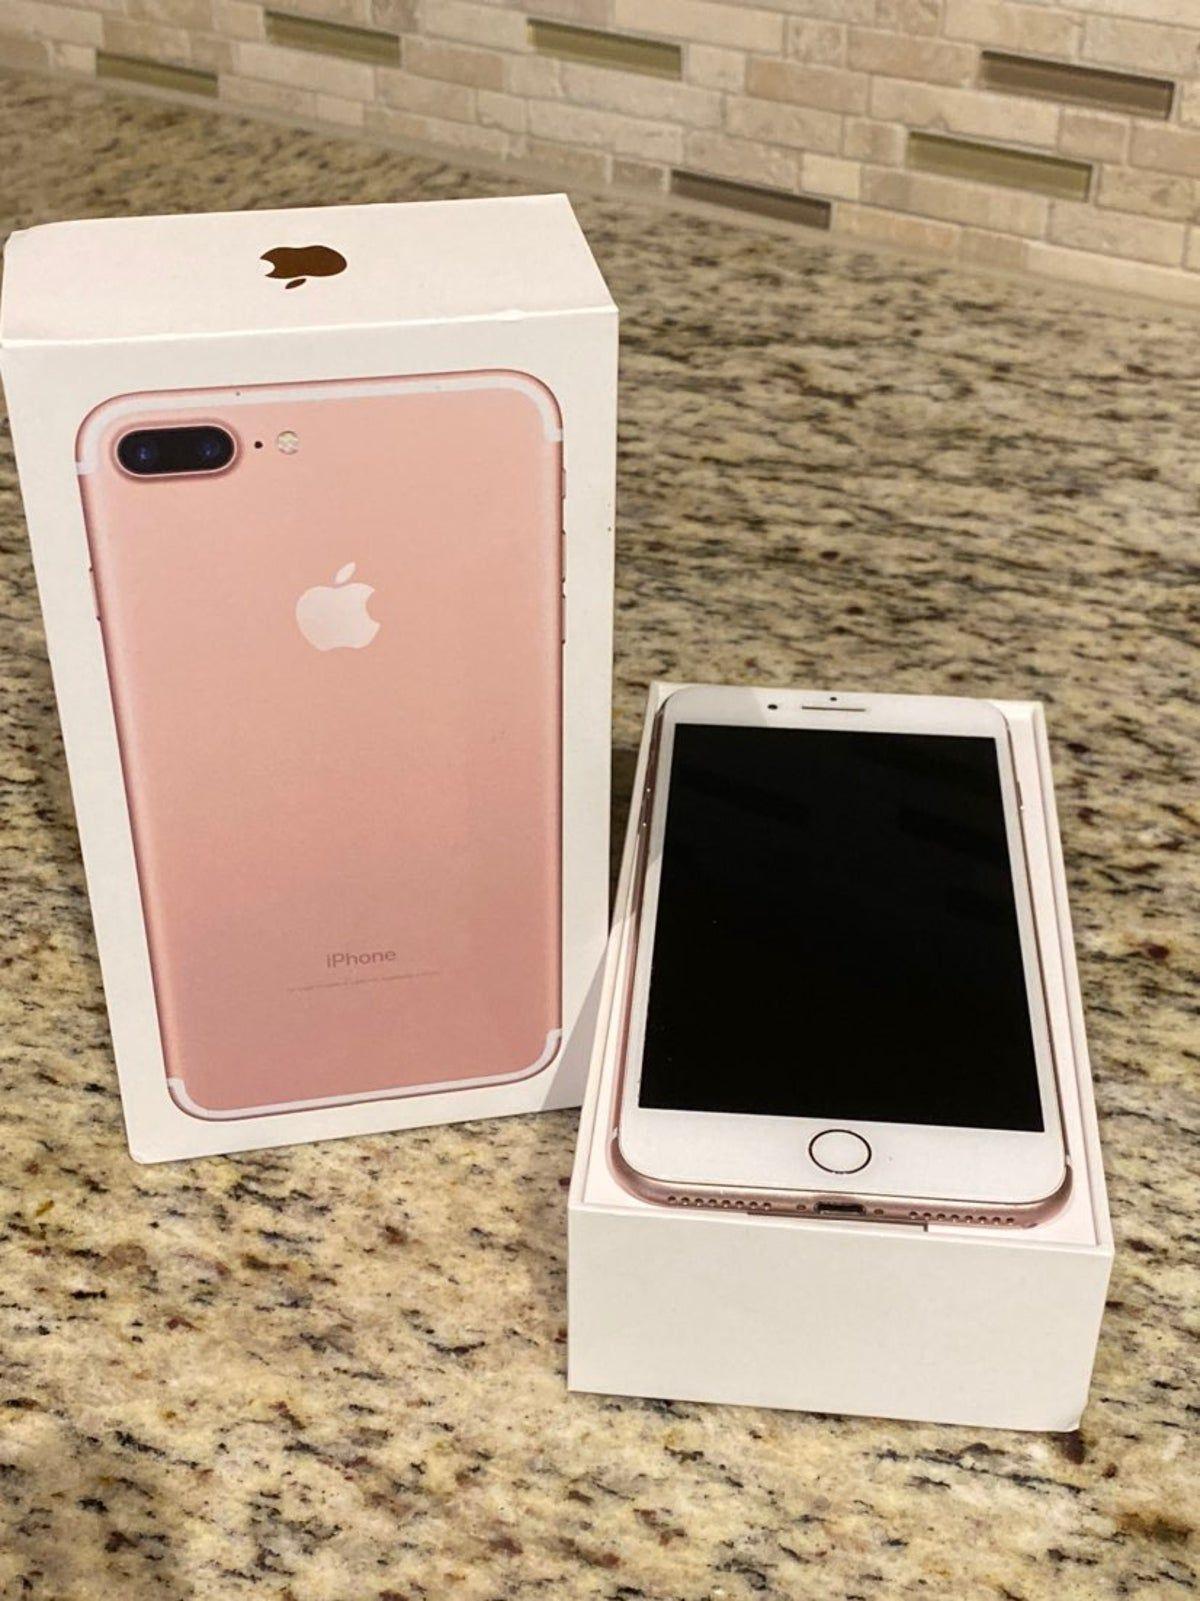 Iphone 7 Plus Rose Gold 32 Gb Sprint Celulares Apple Iphone 7 Plus Rose Acessorios Iphone